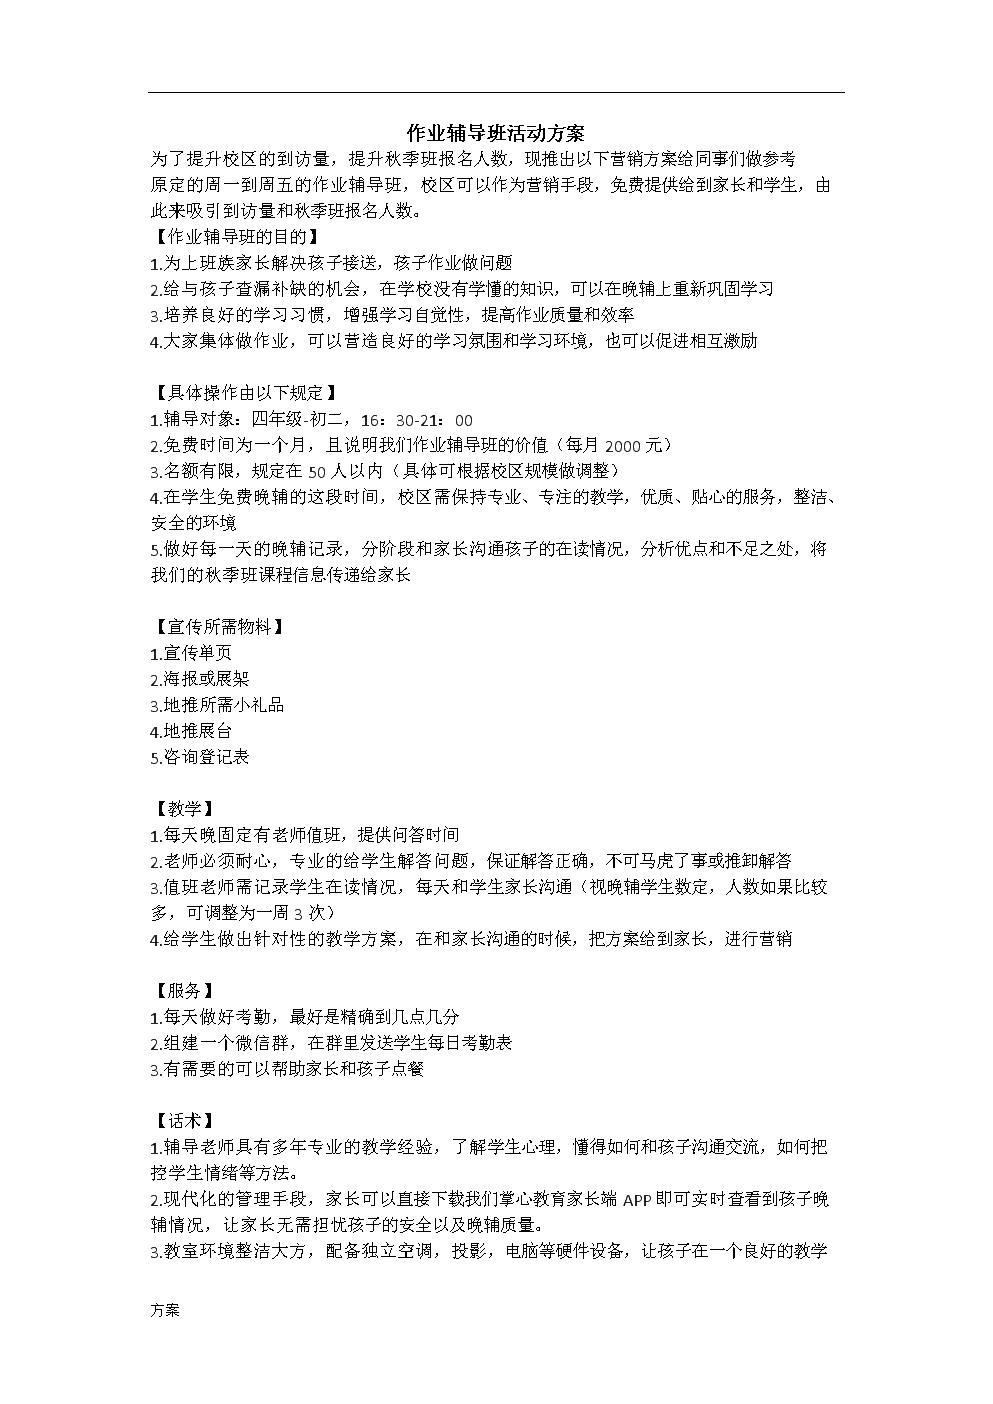 作业辅导班招生的活动方案.doc